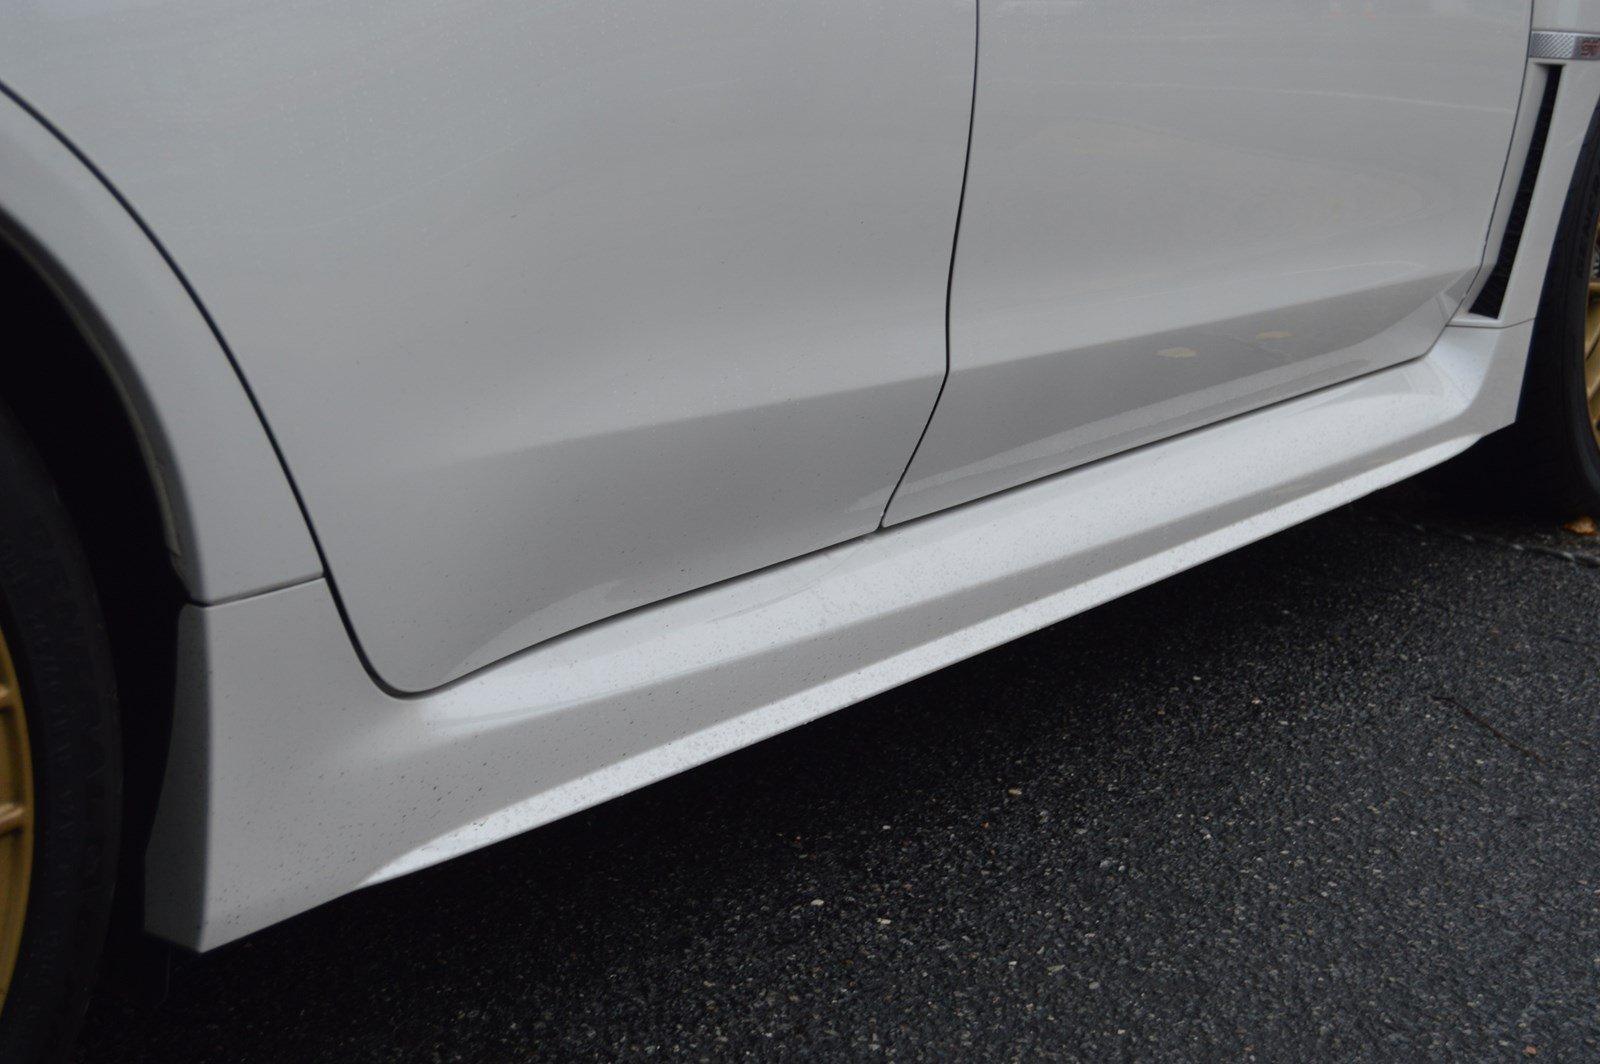 2015 Subaru Wrx Sti Stock 1275 For Sale Near Great Neck